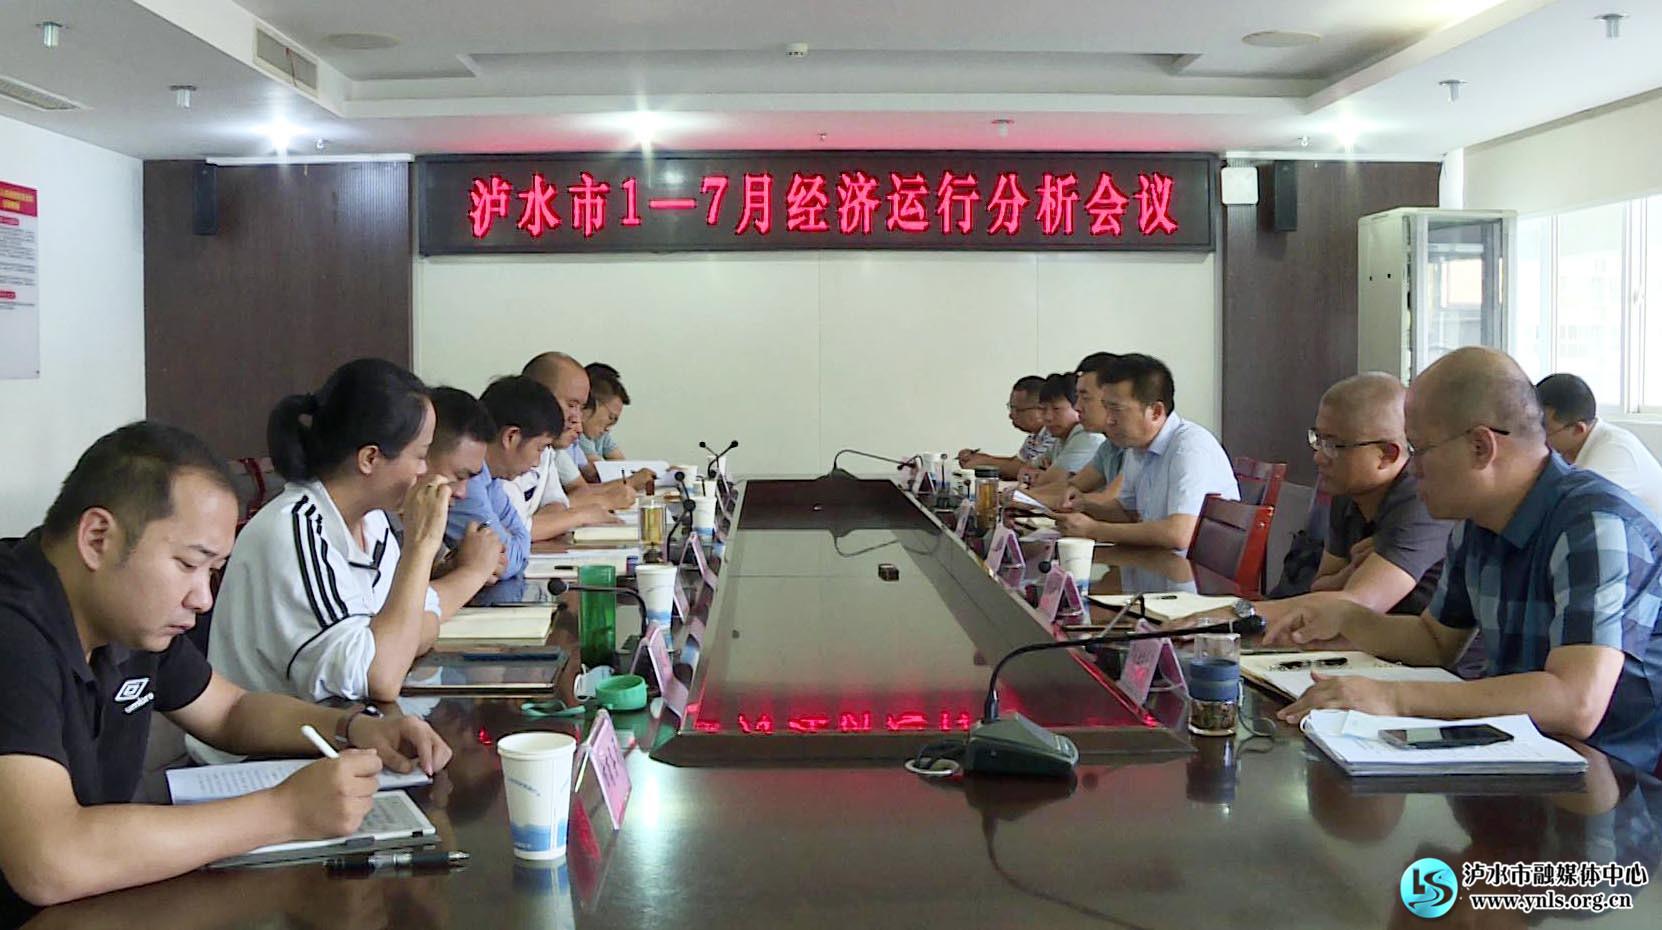 泸水市召开1-7月经济运行分析会议